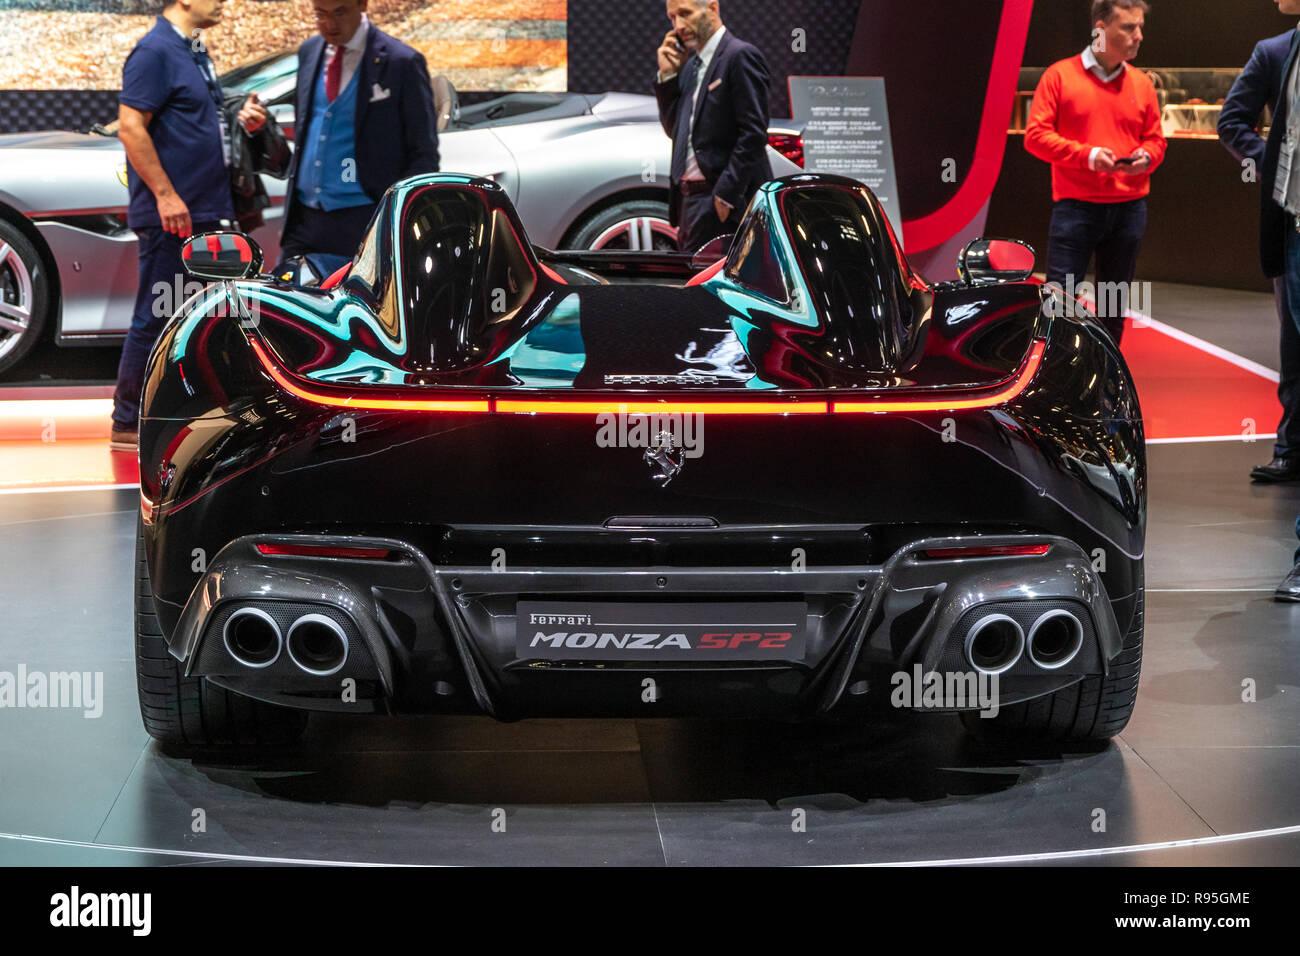 Paris Okt 3 2018 Limited Edition Ferrari Monza Sp2 Speedster Sportwagen Auf Der Paris Motor Show Vorgestellt Stockfotografie Alamy